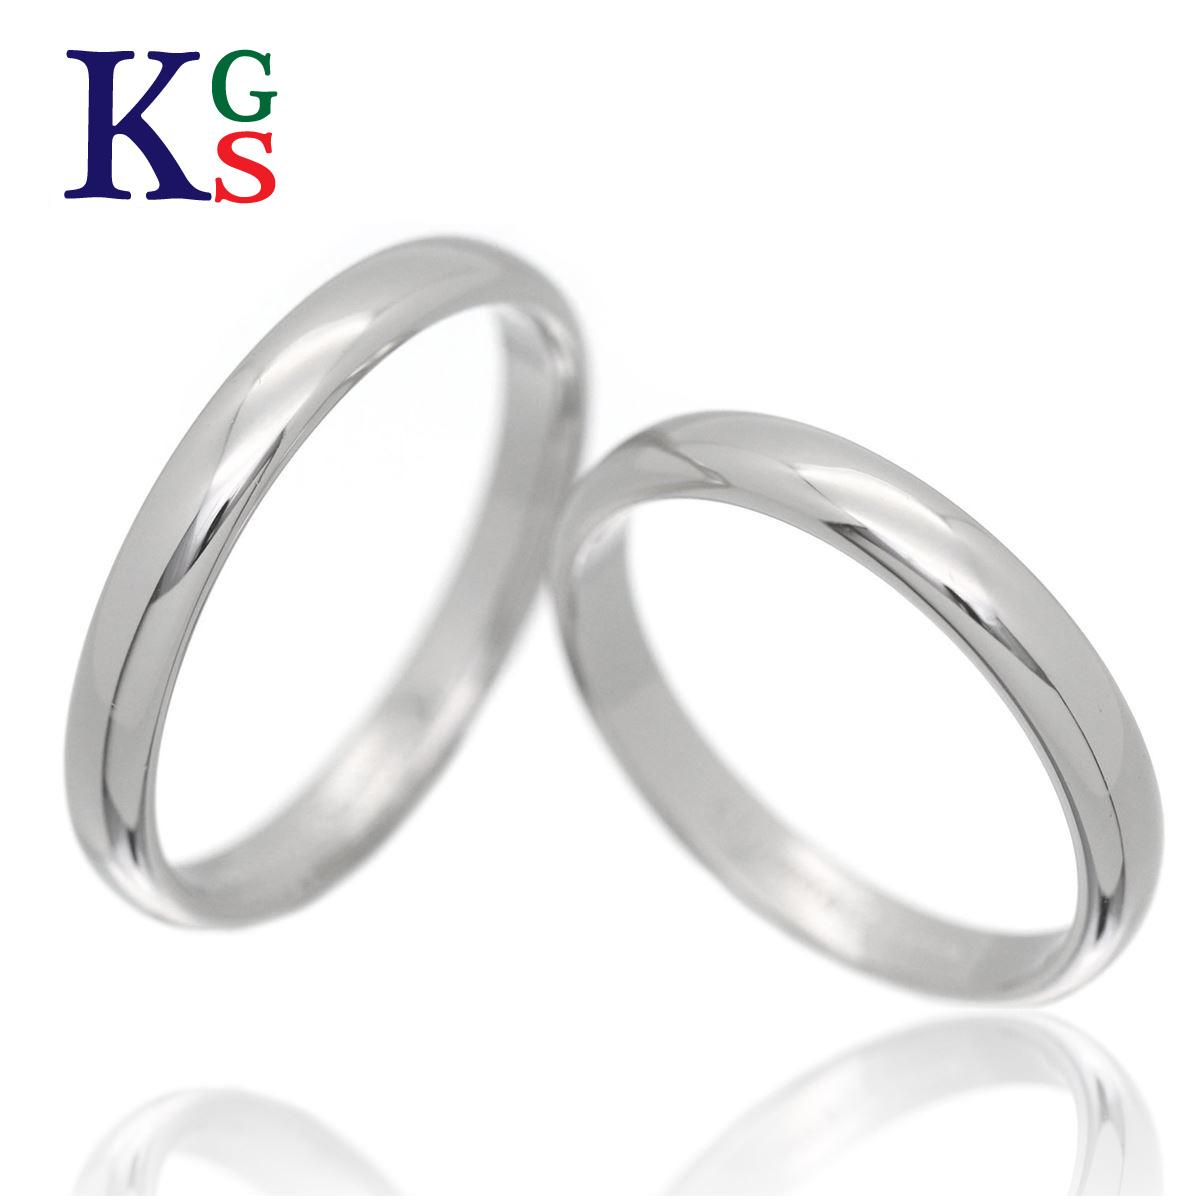 【ギフト品質】【名入れ】【4号-23号】ティファニー/Tiffany&co ジュエリー ペアリング ウェディング クラシック バンドリング マリッジリング 結婚指輪 Pt950 プラチナ